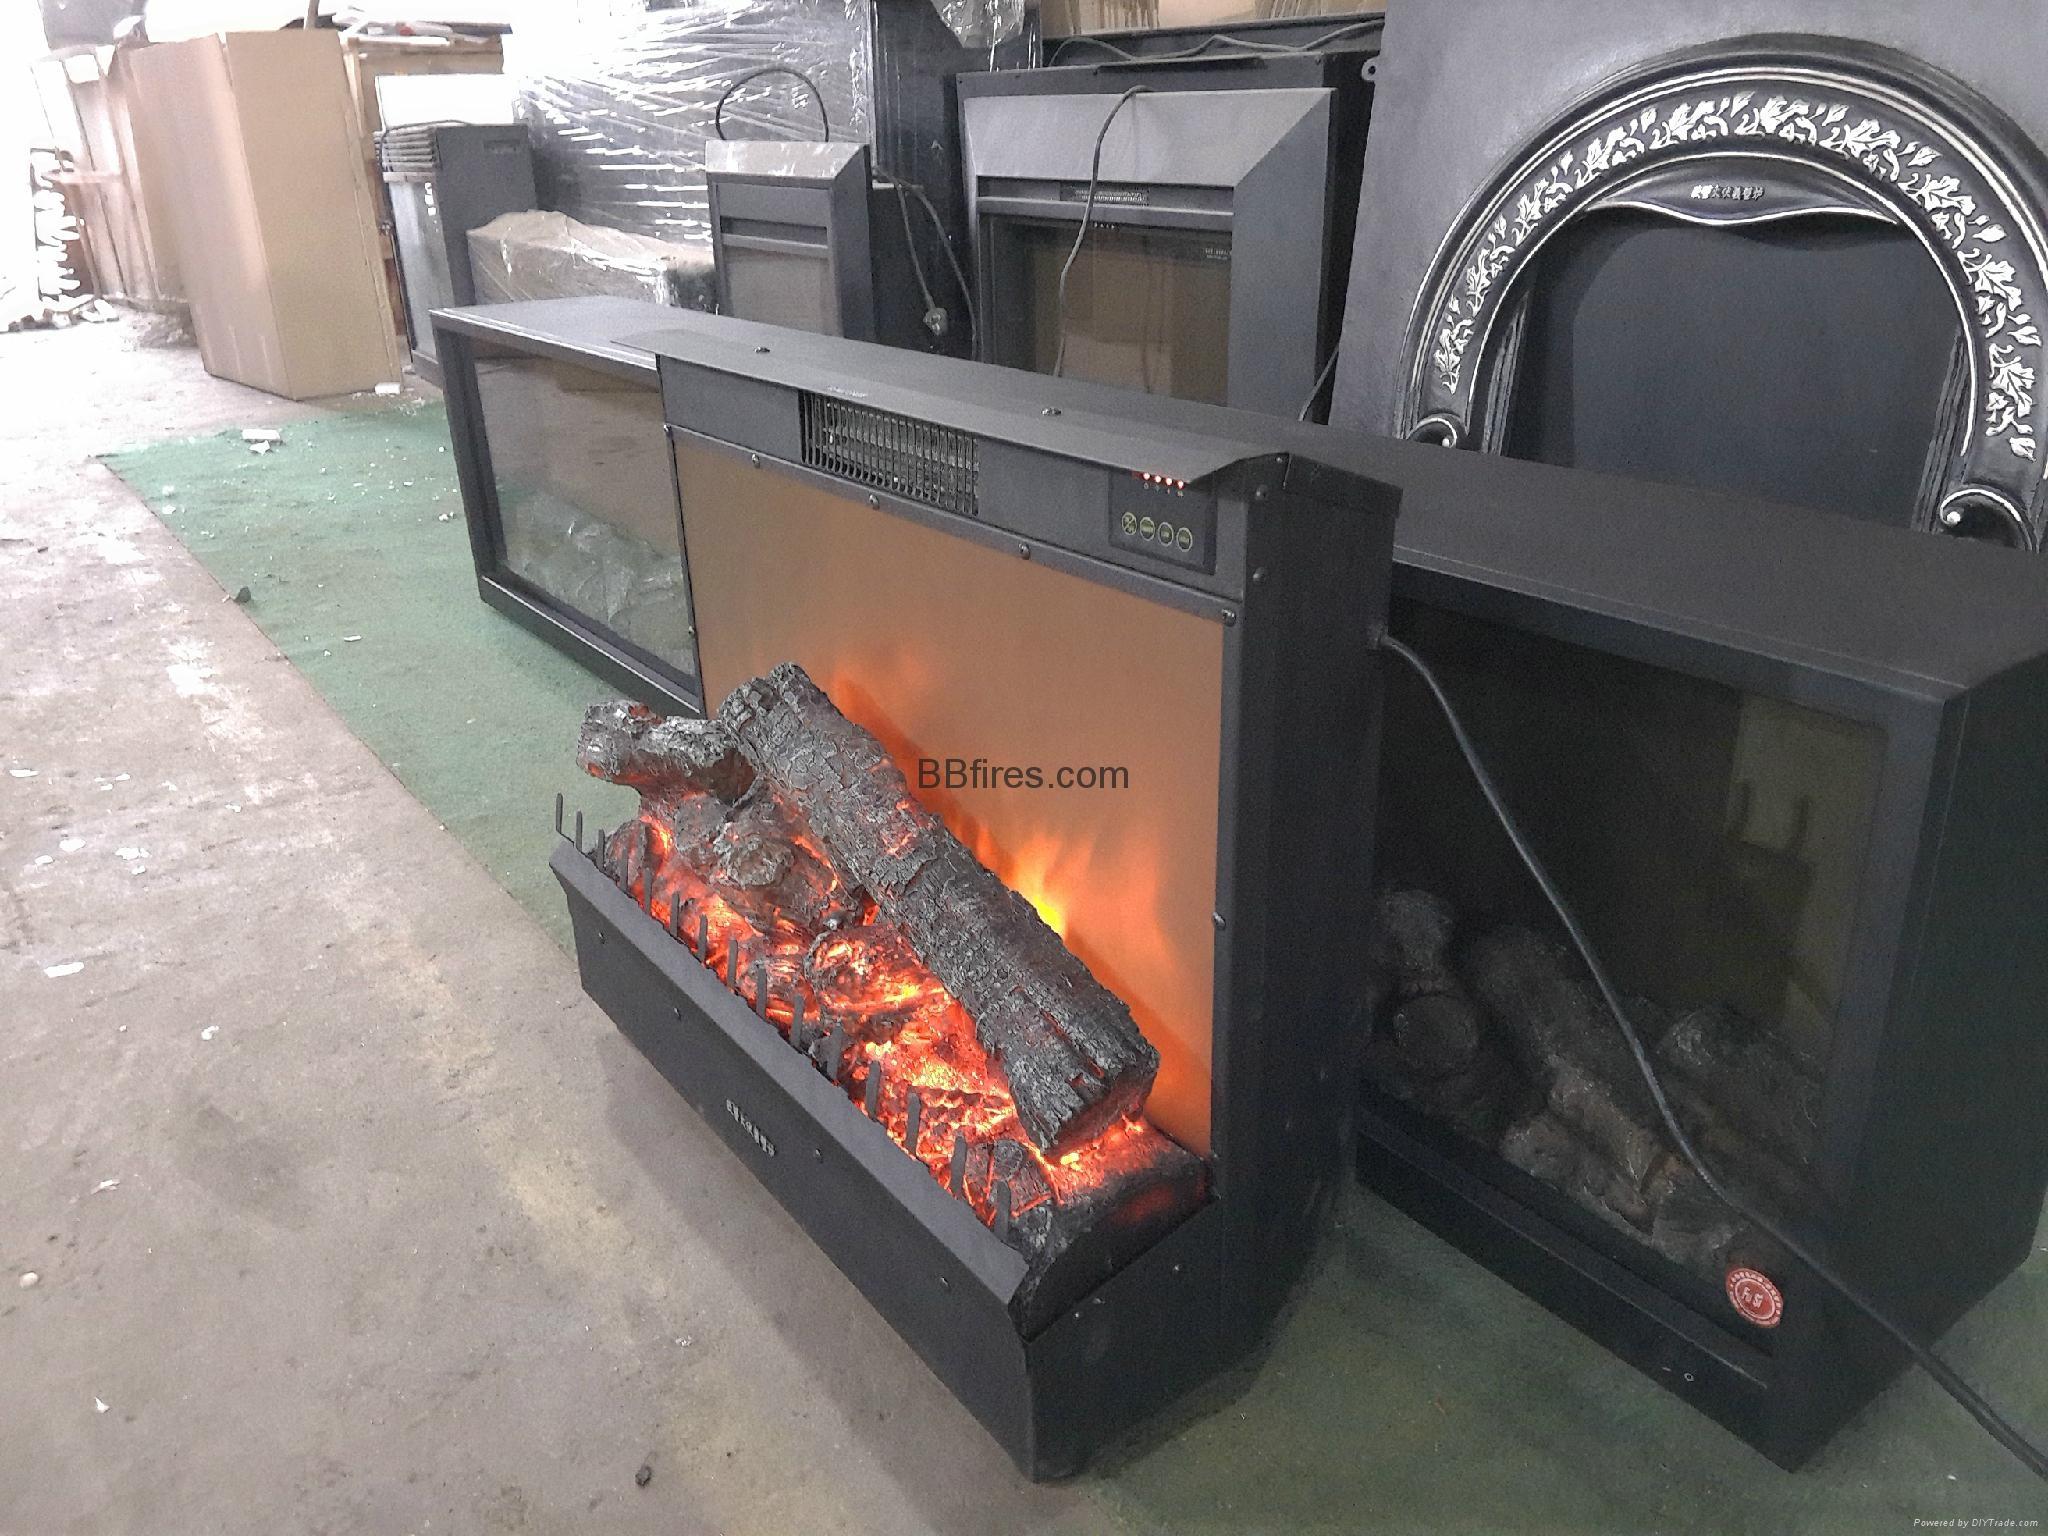 BB 特别及水晶石电子壁炉 18